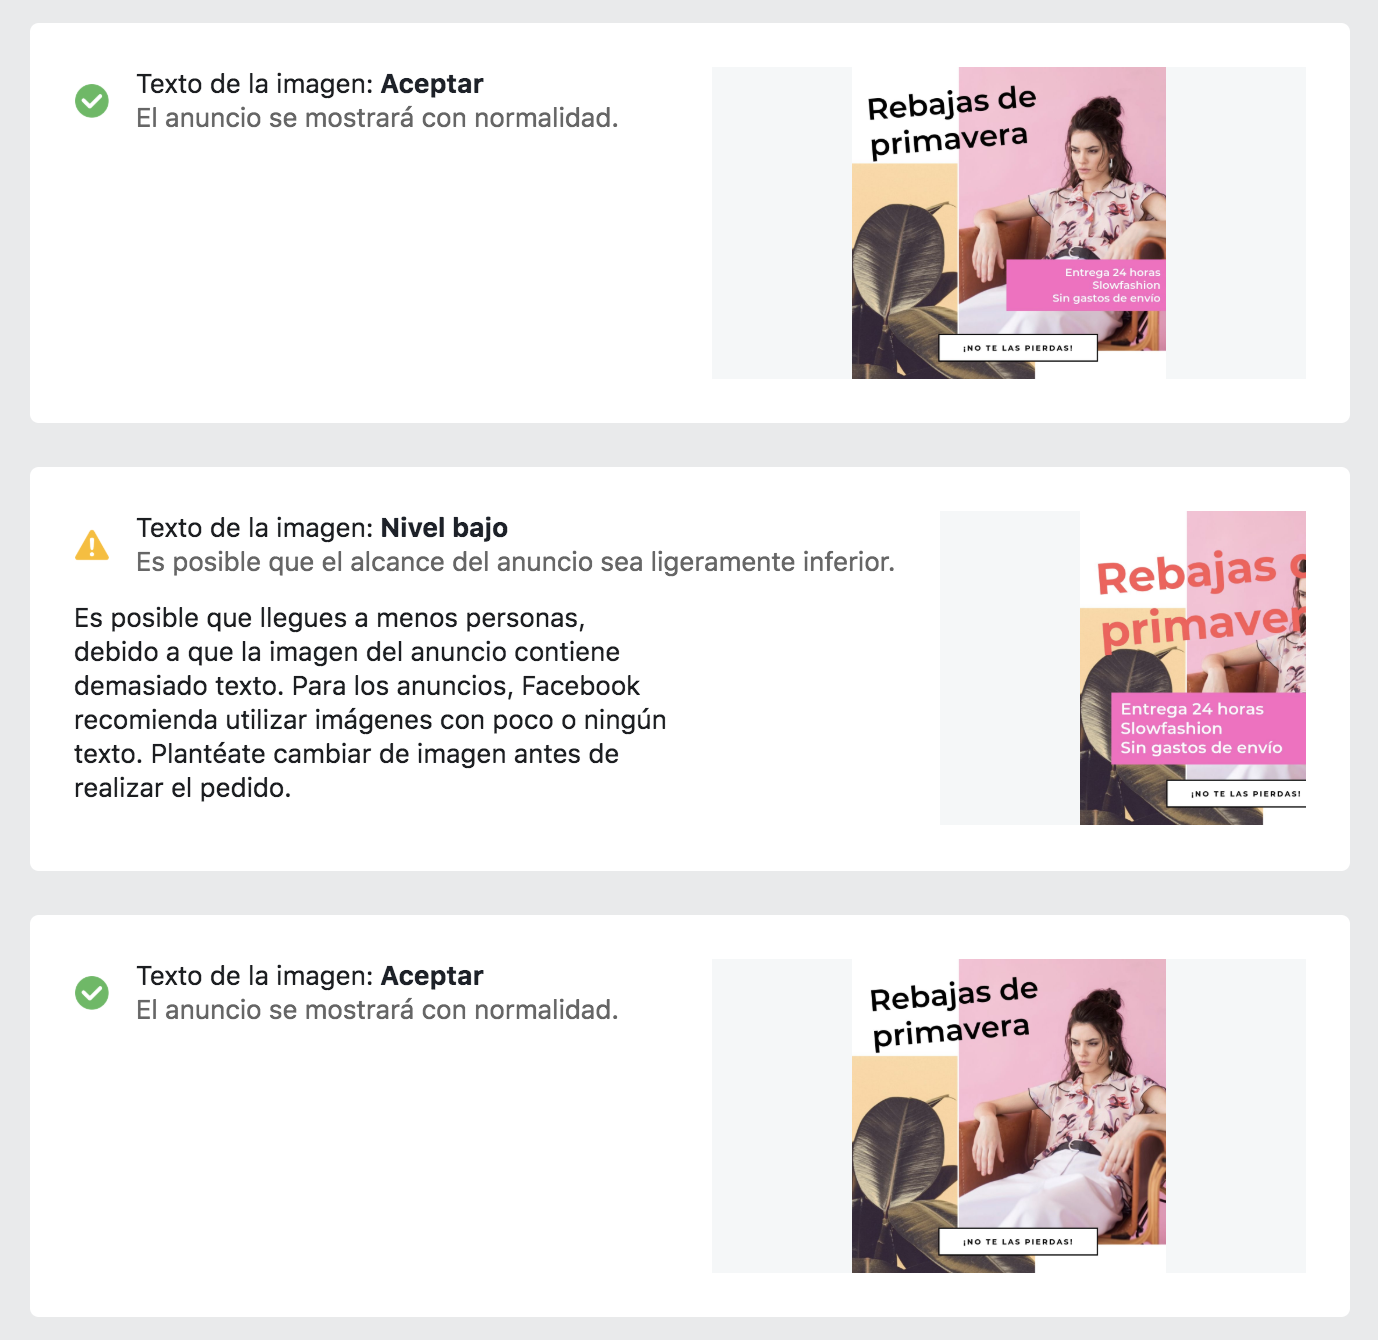 imagen de publicidad en Facebook - ejemplos